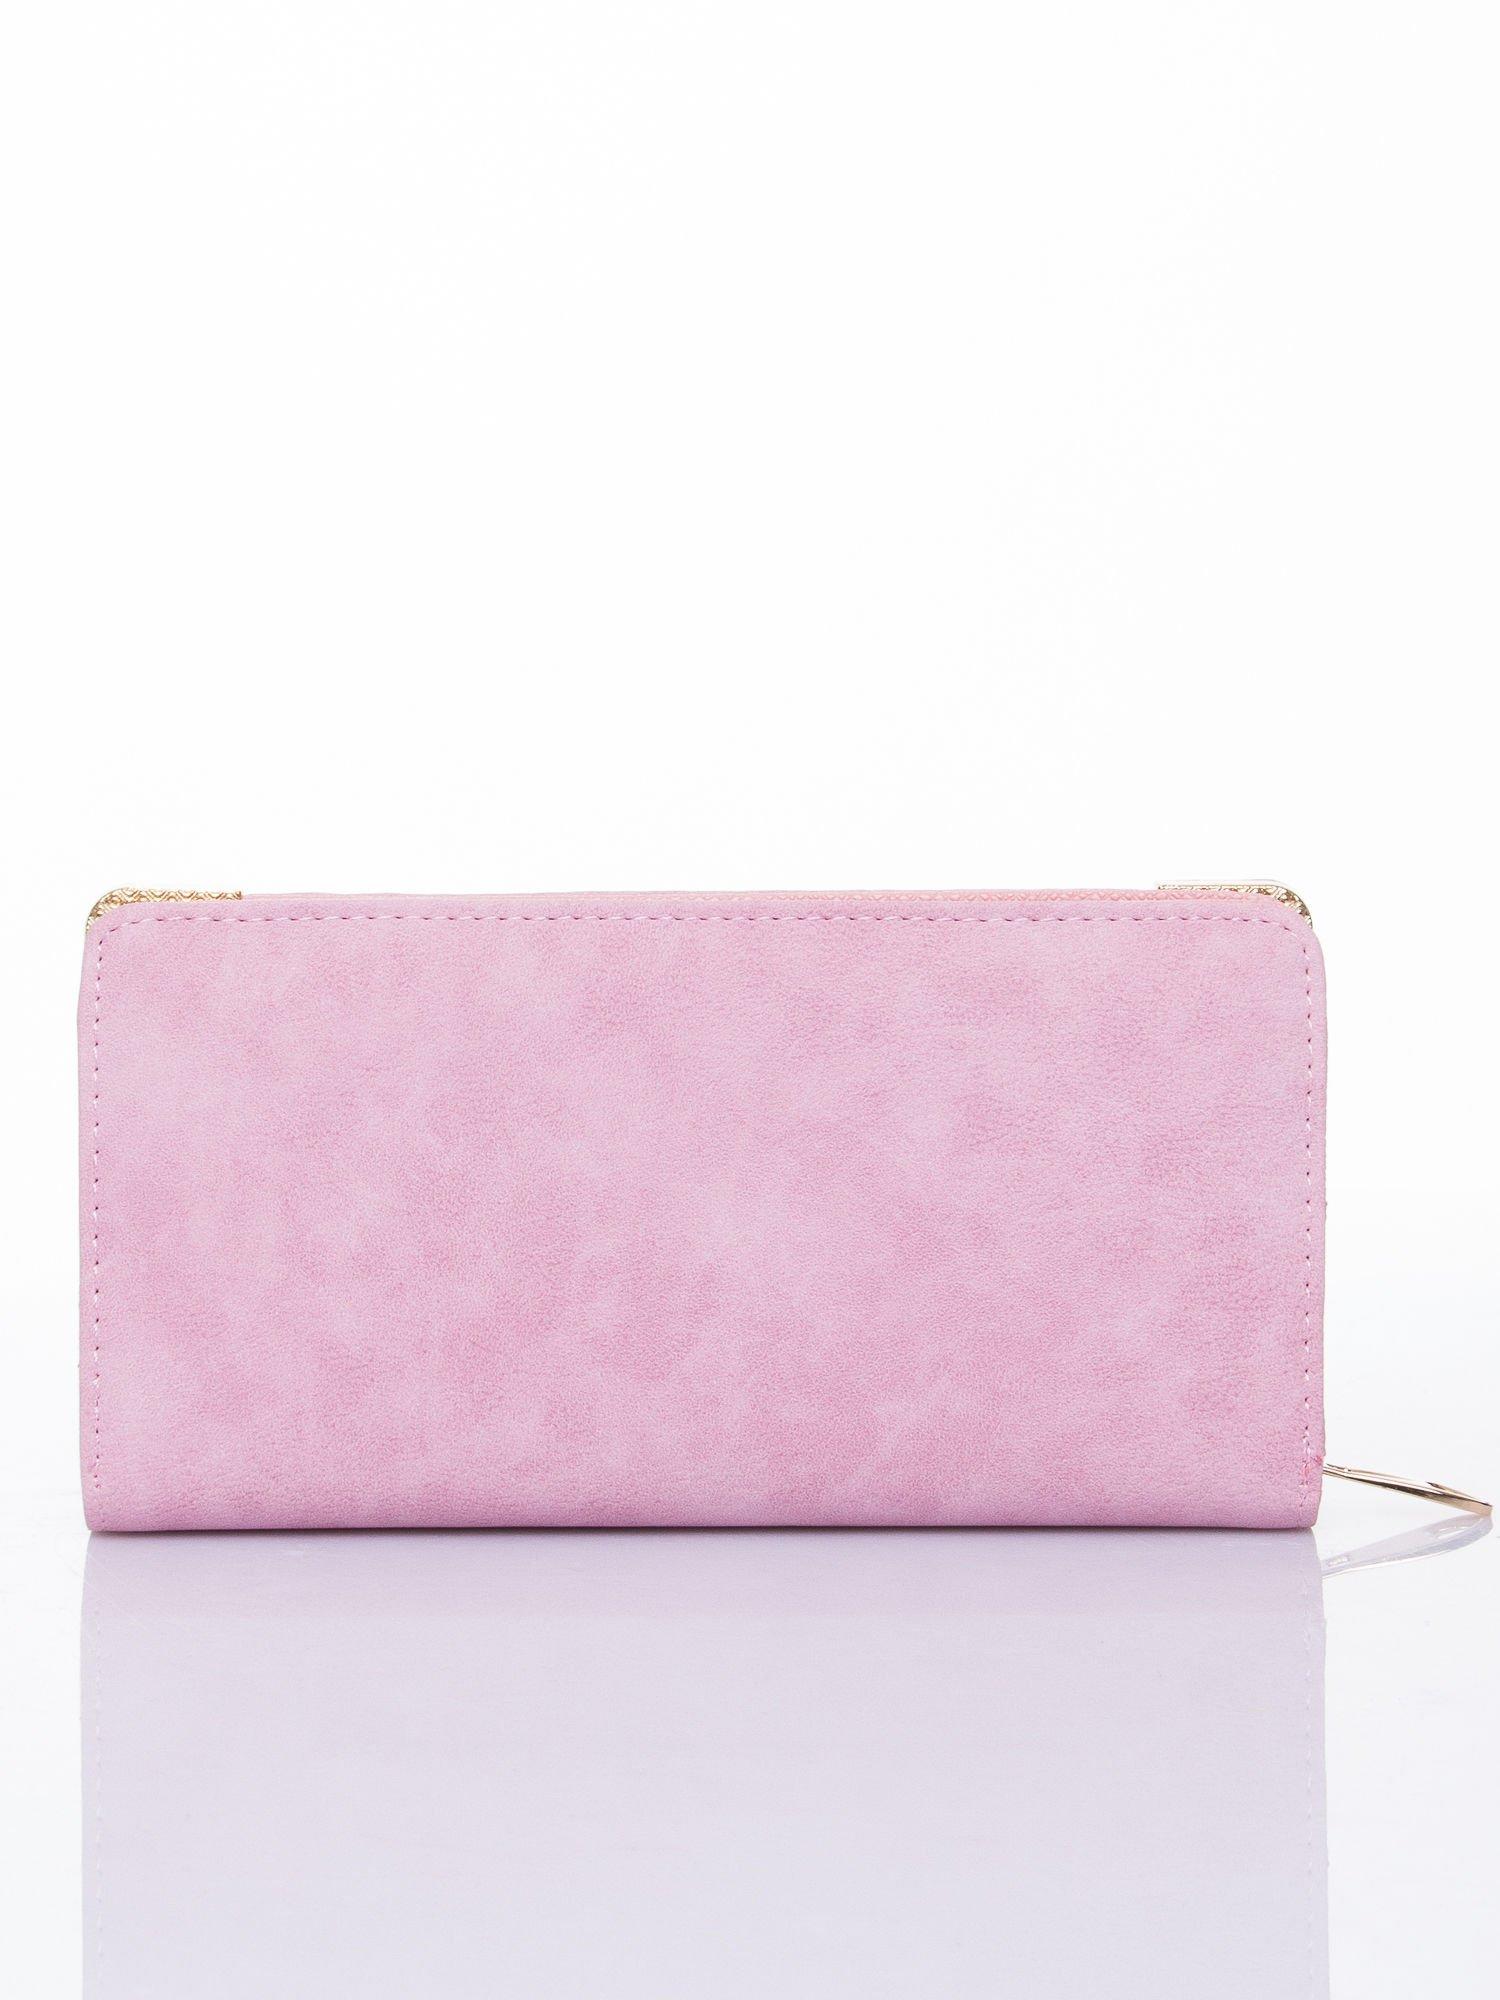 Różowy ażurowany portfel ze złotymi okuciami                                  zdj.                                  2